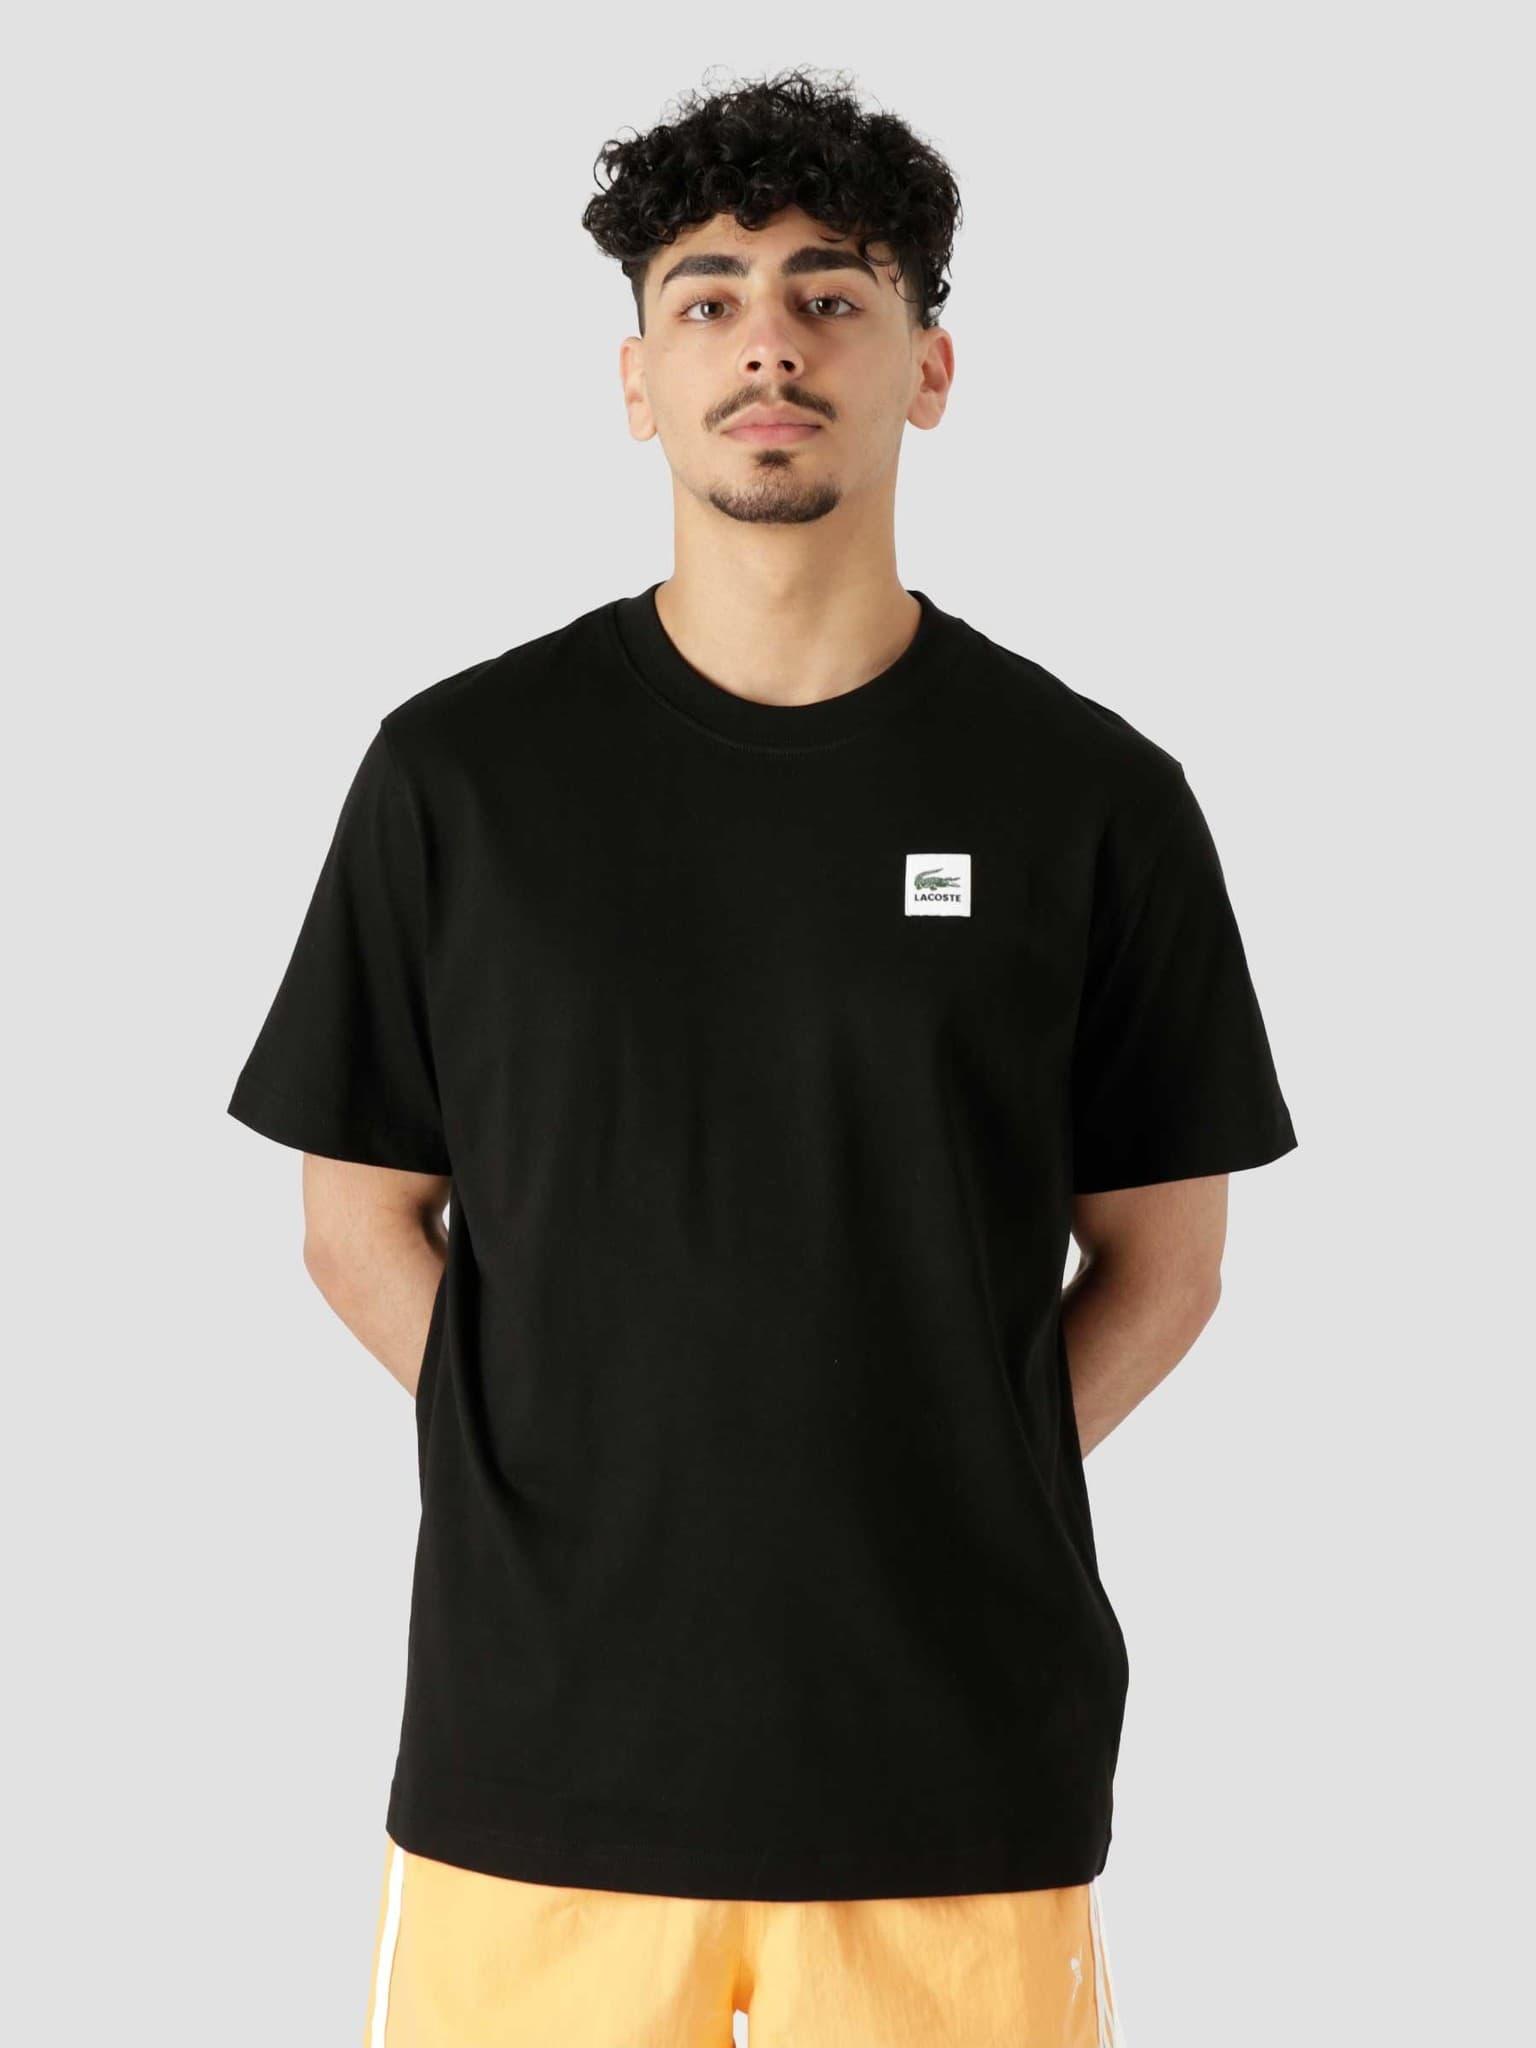 1HT1 Men's T-Shirt Black TH9163-11